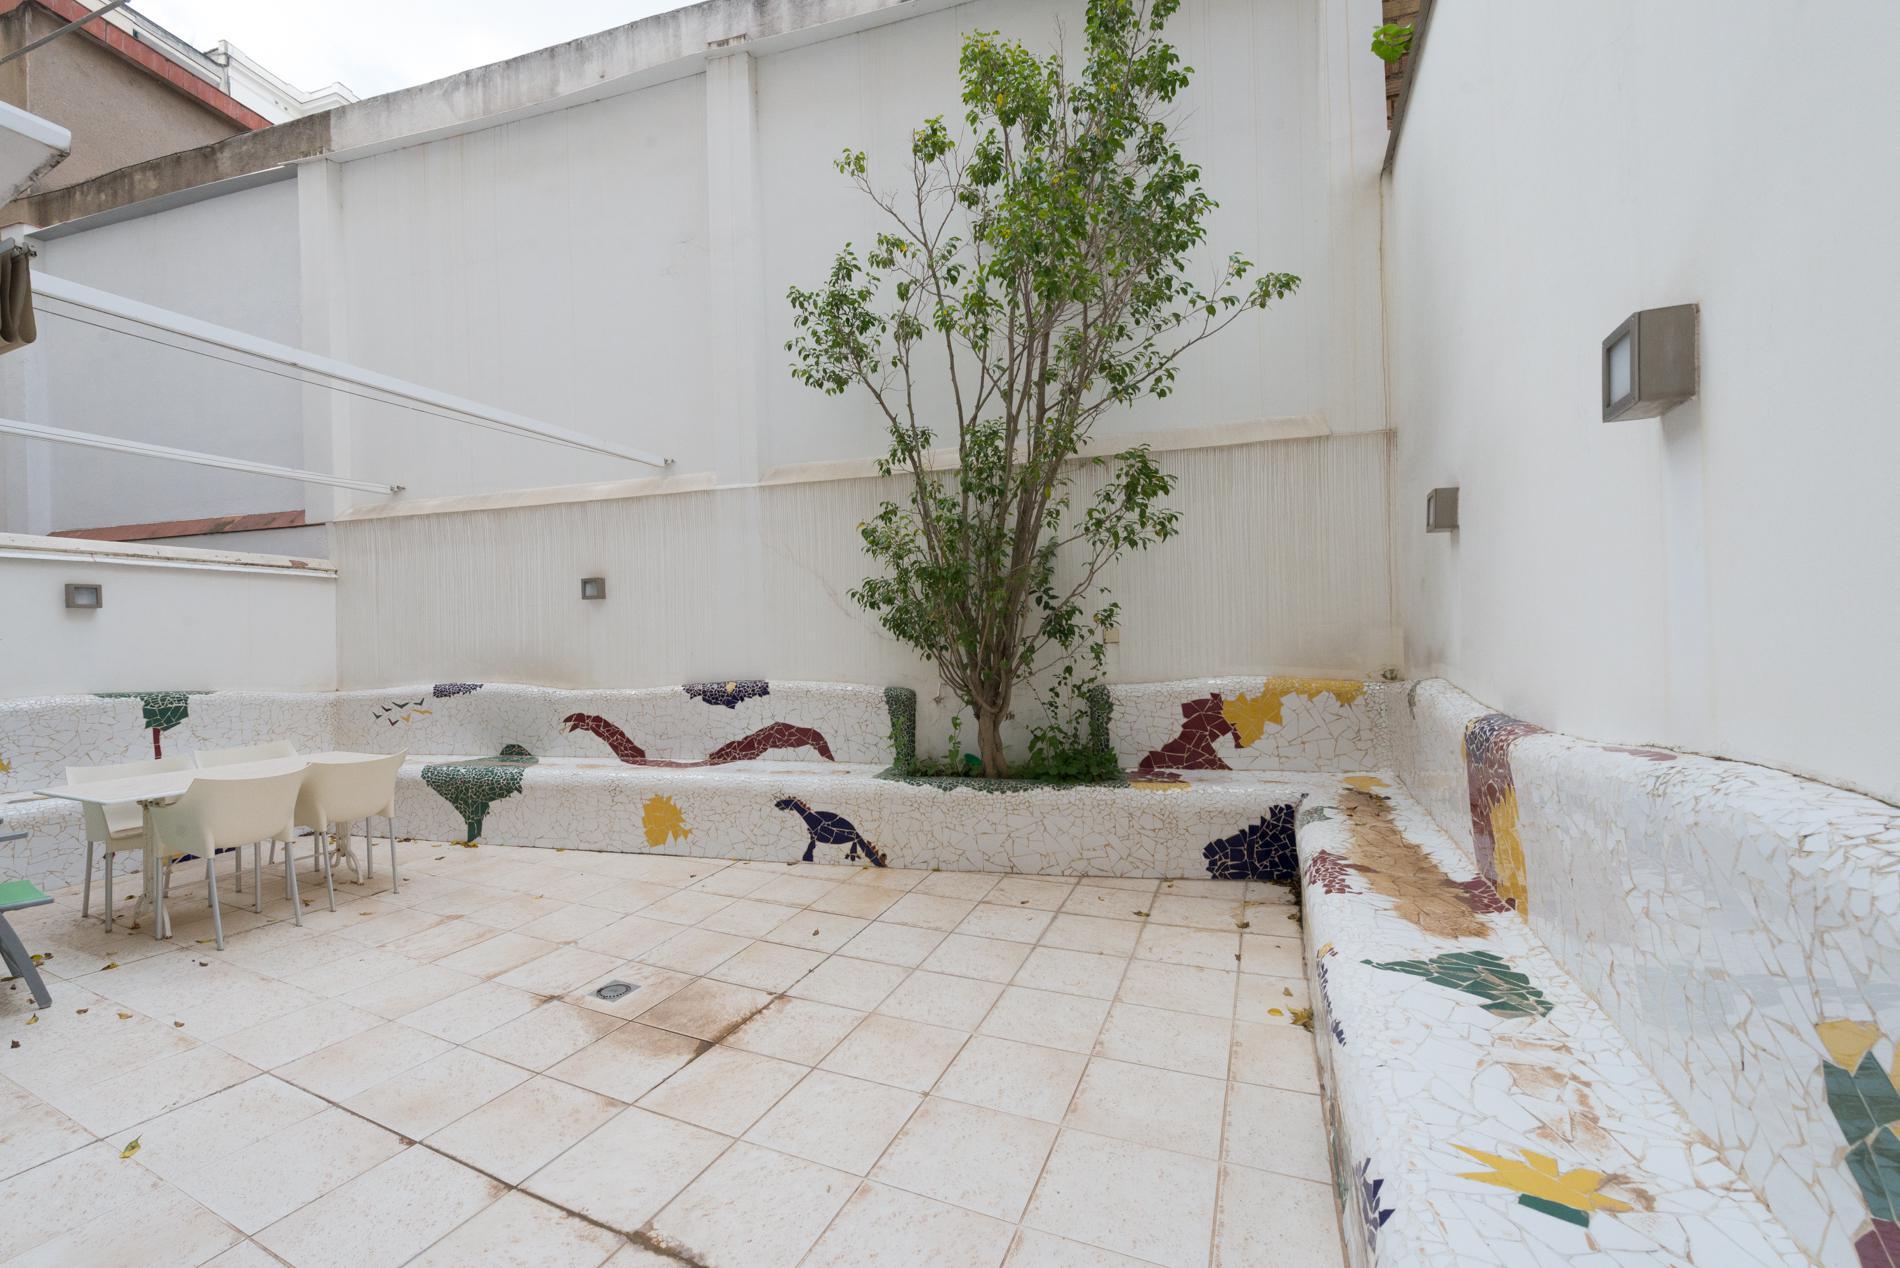 247761 Ground Floor for sale in Sarrià-Sant Gervasi, St. Gervasi-Bonanova 29